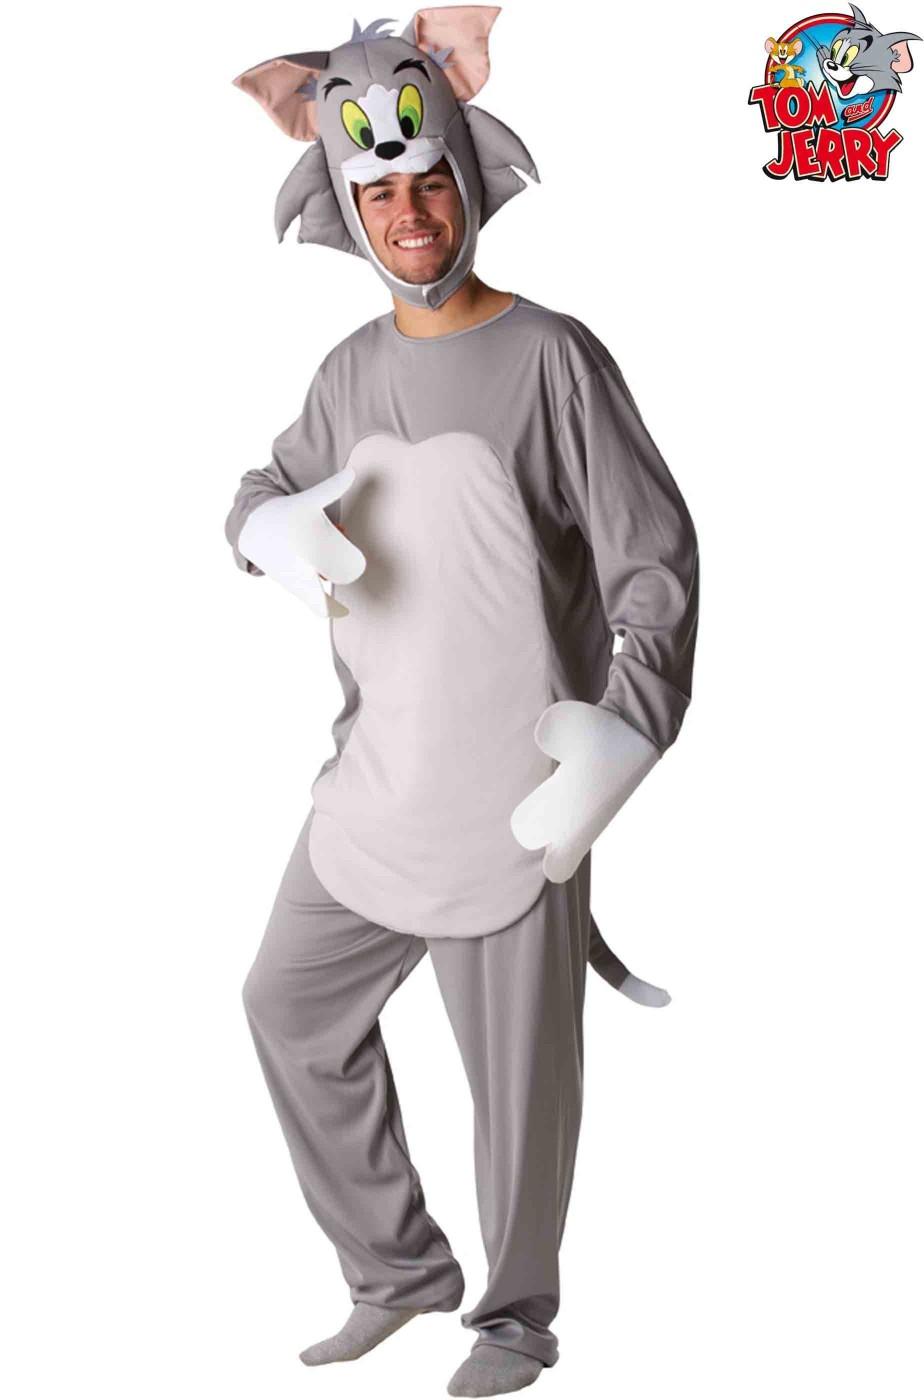 Costume gatto Tom di Tom e Jerry con testa separata